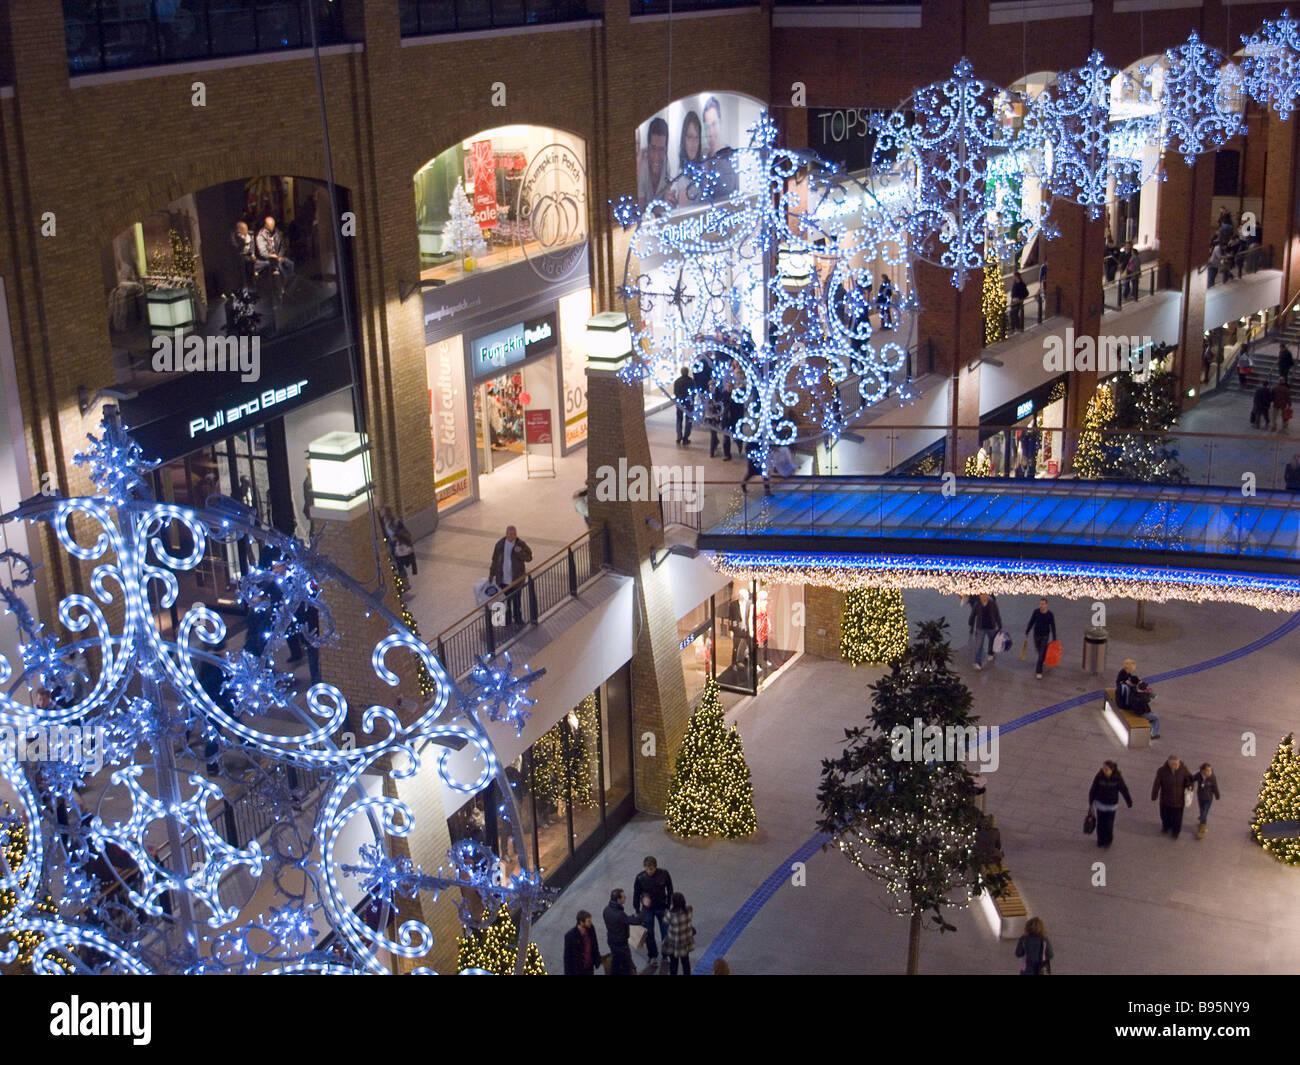 IRELAND North Belfast Victoria Square Shopping Centre